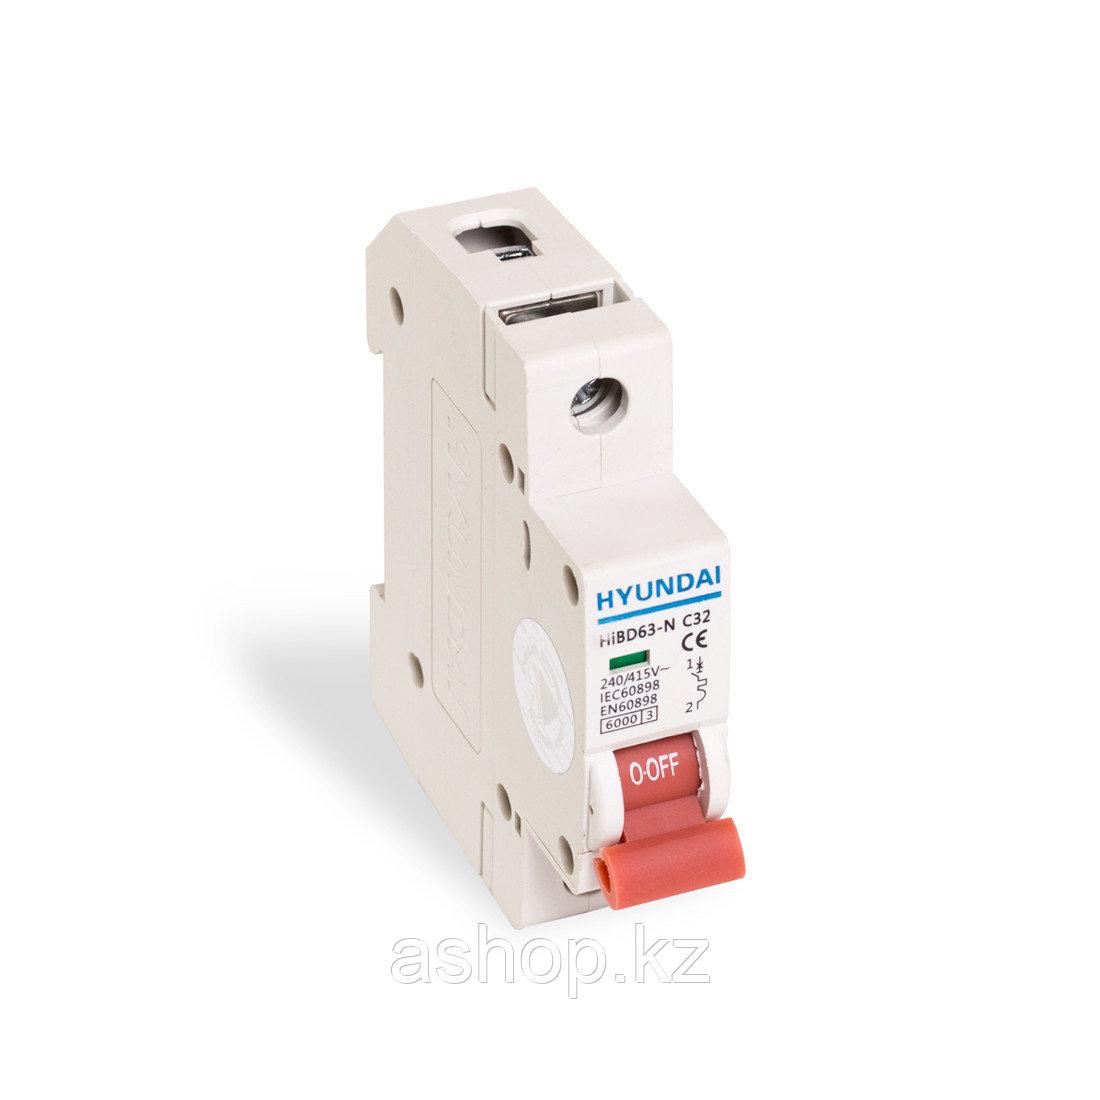 Автоматический выключатель реечный Hyundai HiBD63-N 1P 32А, 230/400 В, Кол-во полюсов: 1, Предел отключения: 6